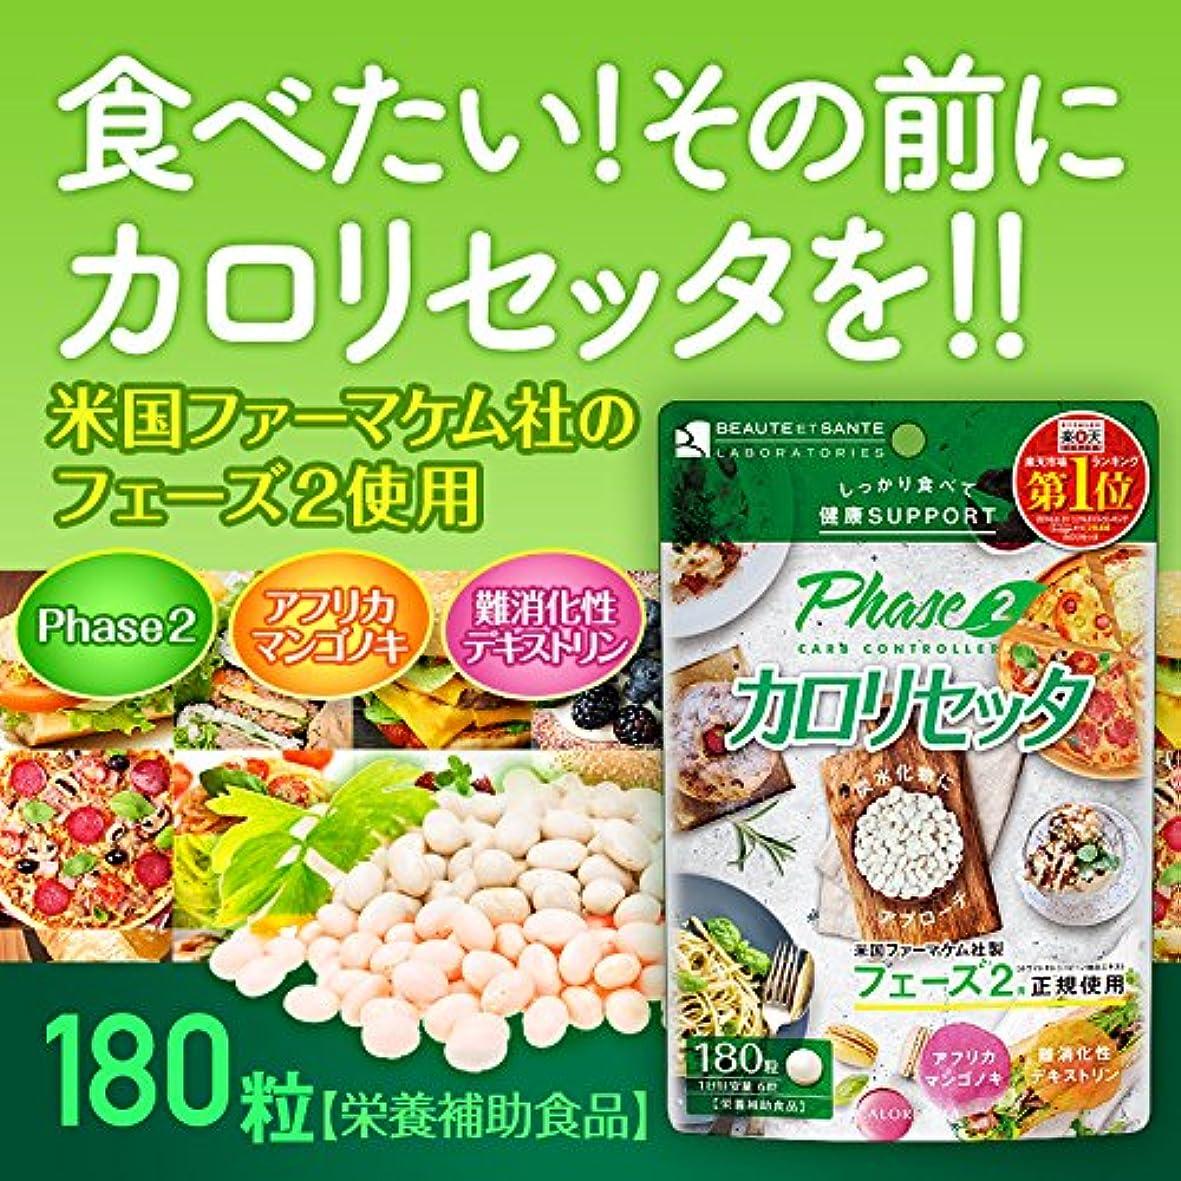 晩餐矢印海港カロリセッタ 180粒